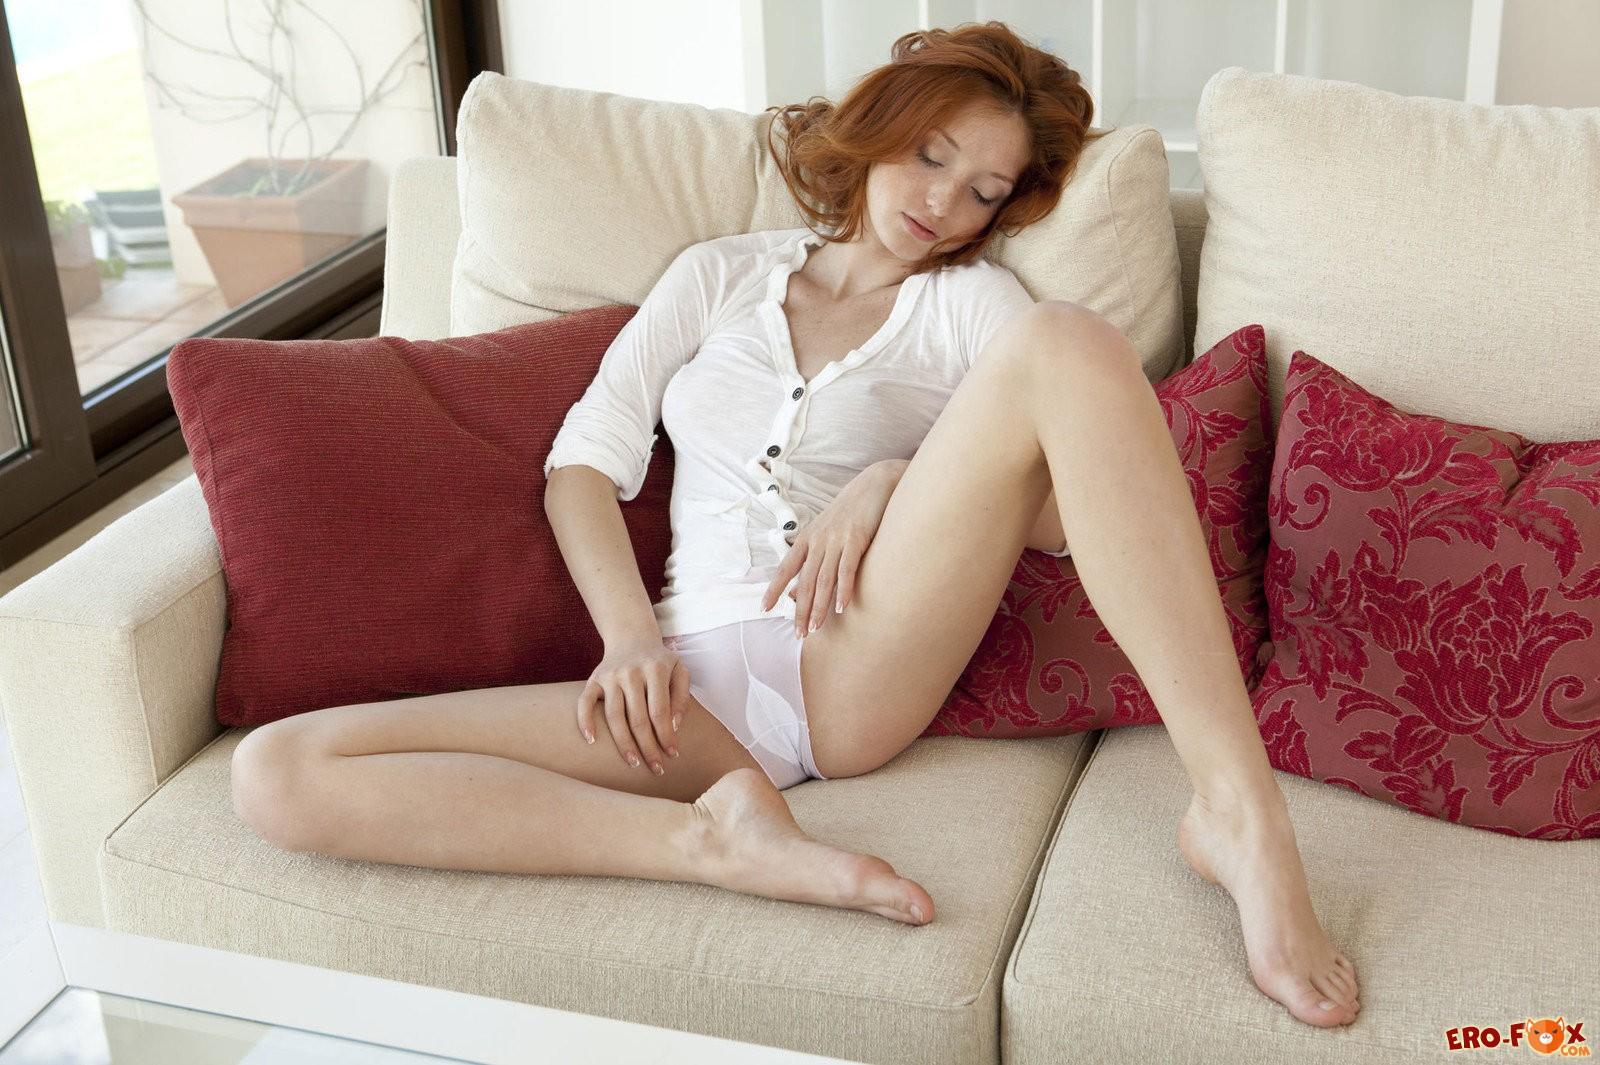 Рыжая бесстыжая девушка голая на диване .